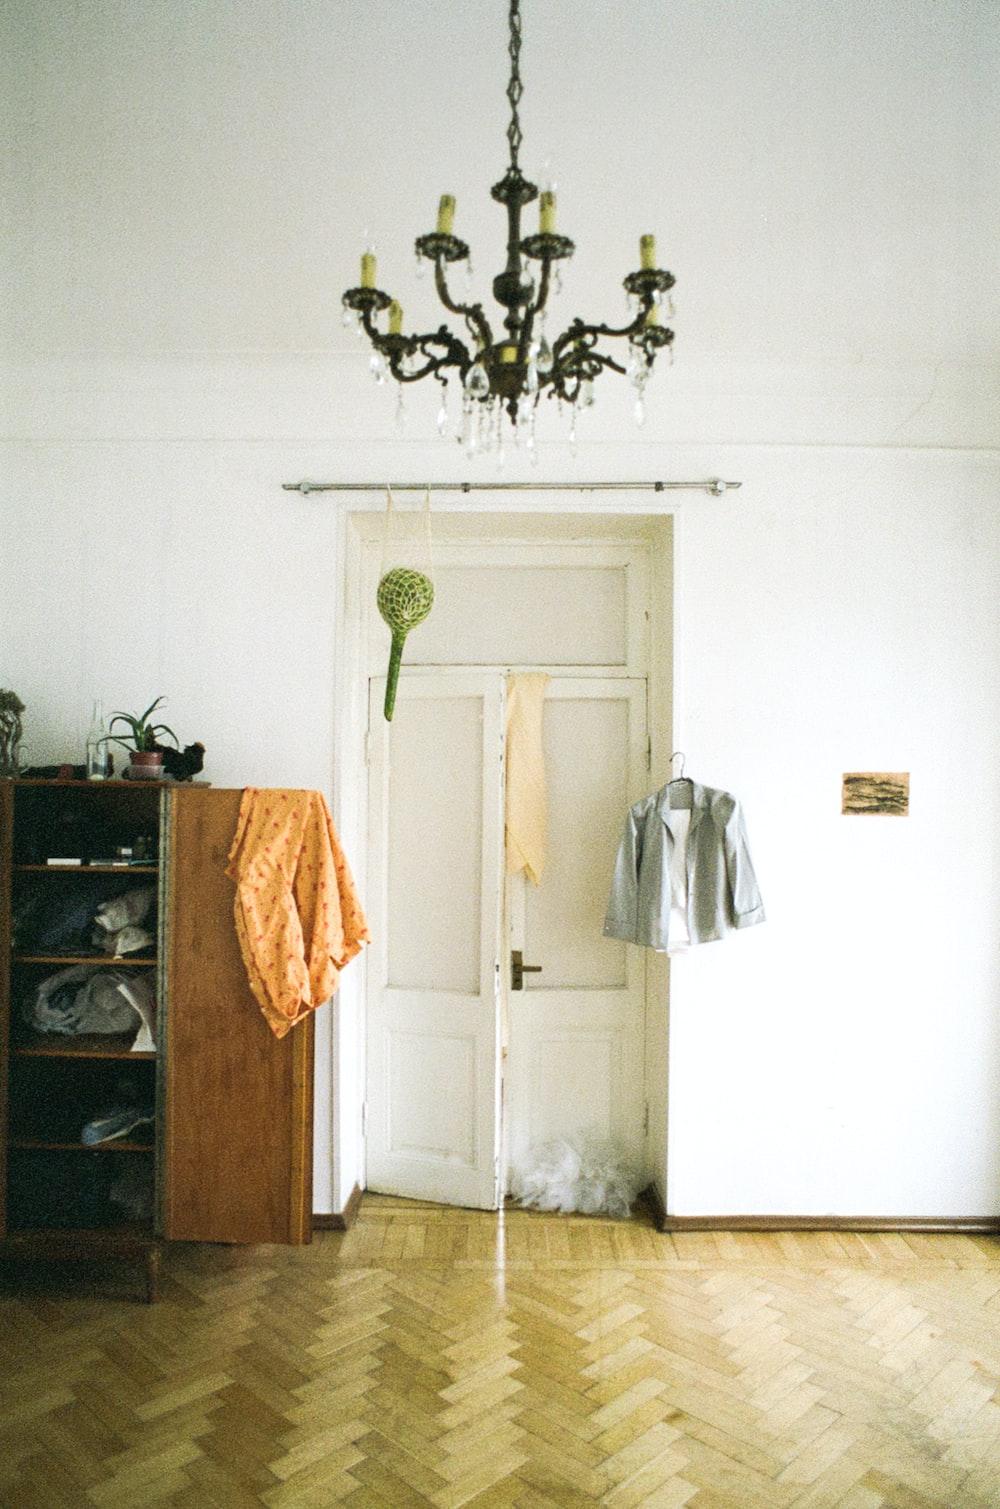 brown towel hanging on door